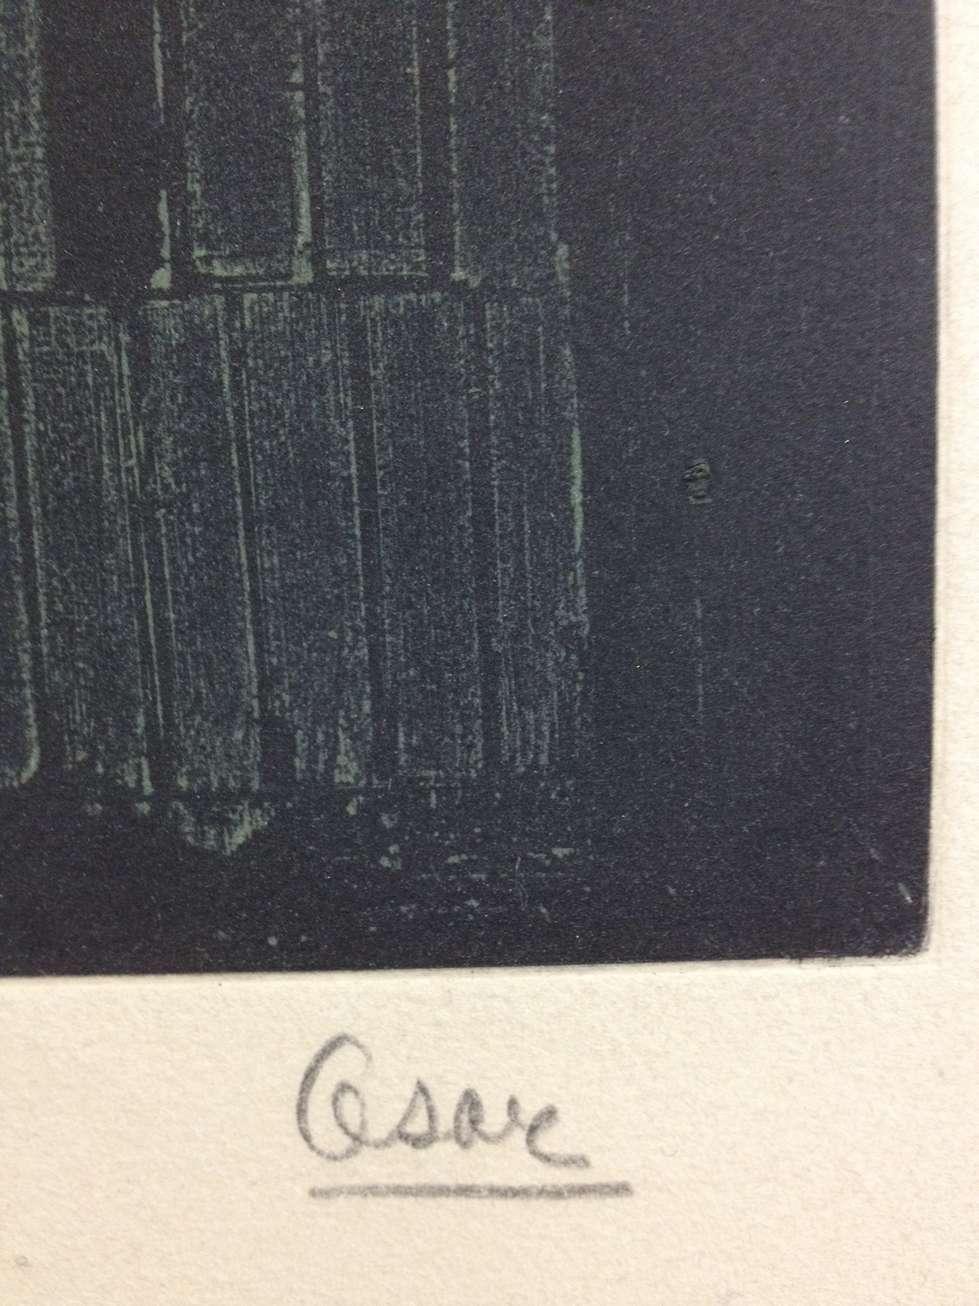 cesar-signature-authentique-litho-art-restauratrice.jpg